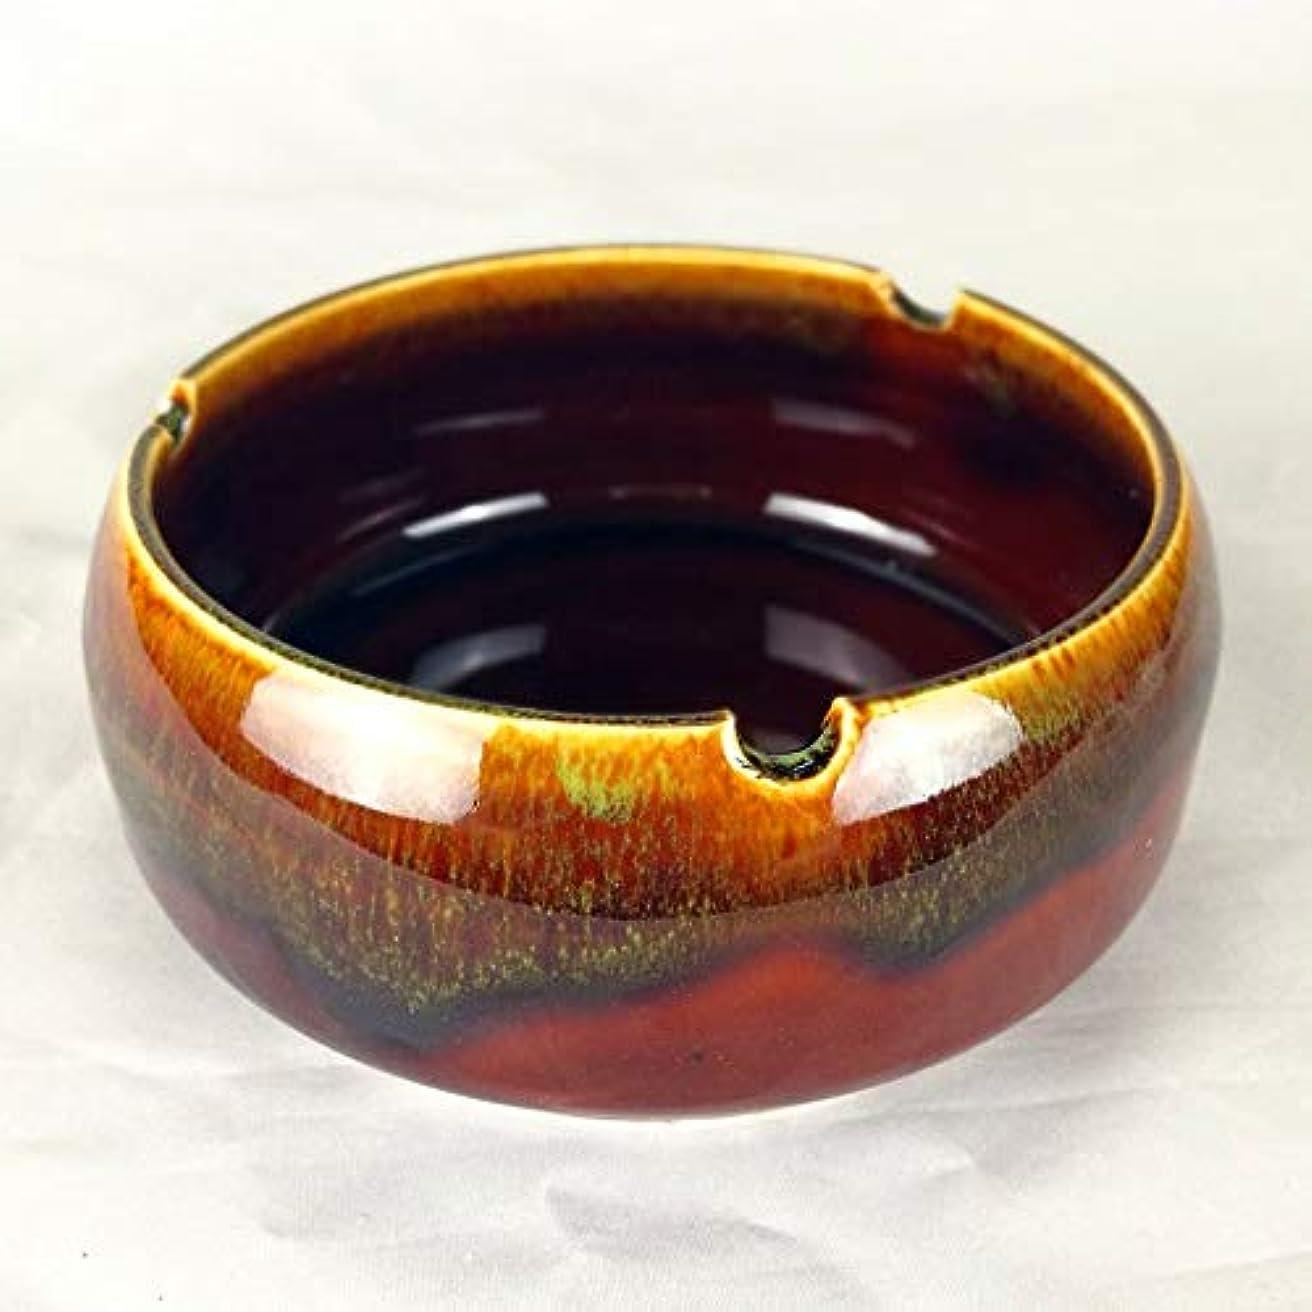 たるみモトリー皮カバー家の装飾、から選ぶべき4色のタバコの創造的な灰皿のための灰皿 (色 : 褐色)